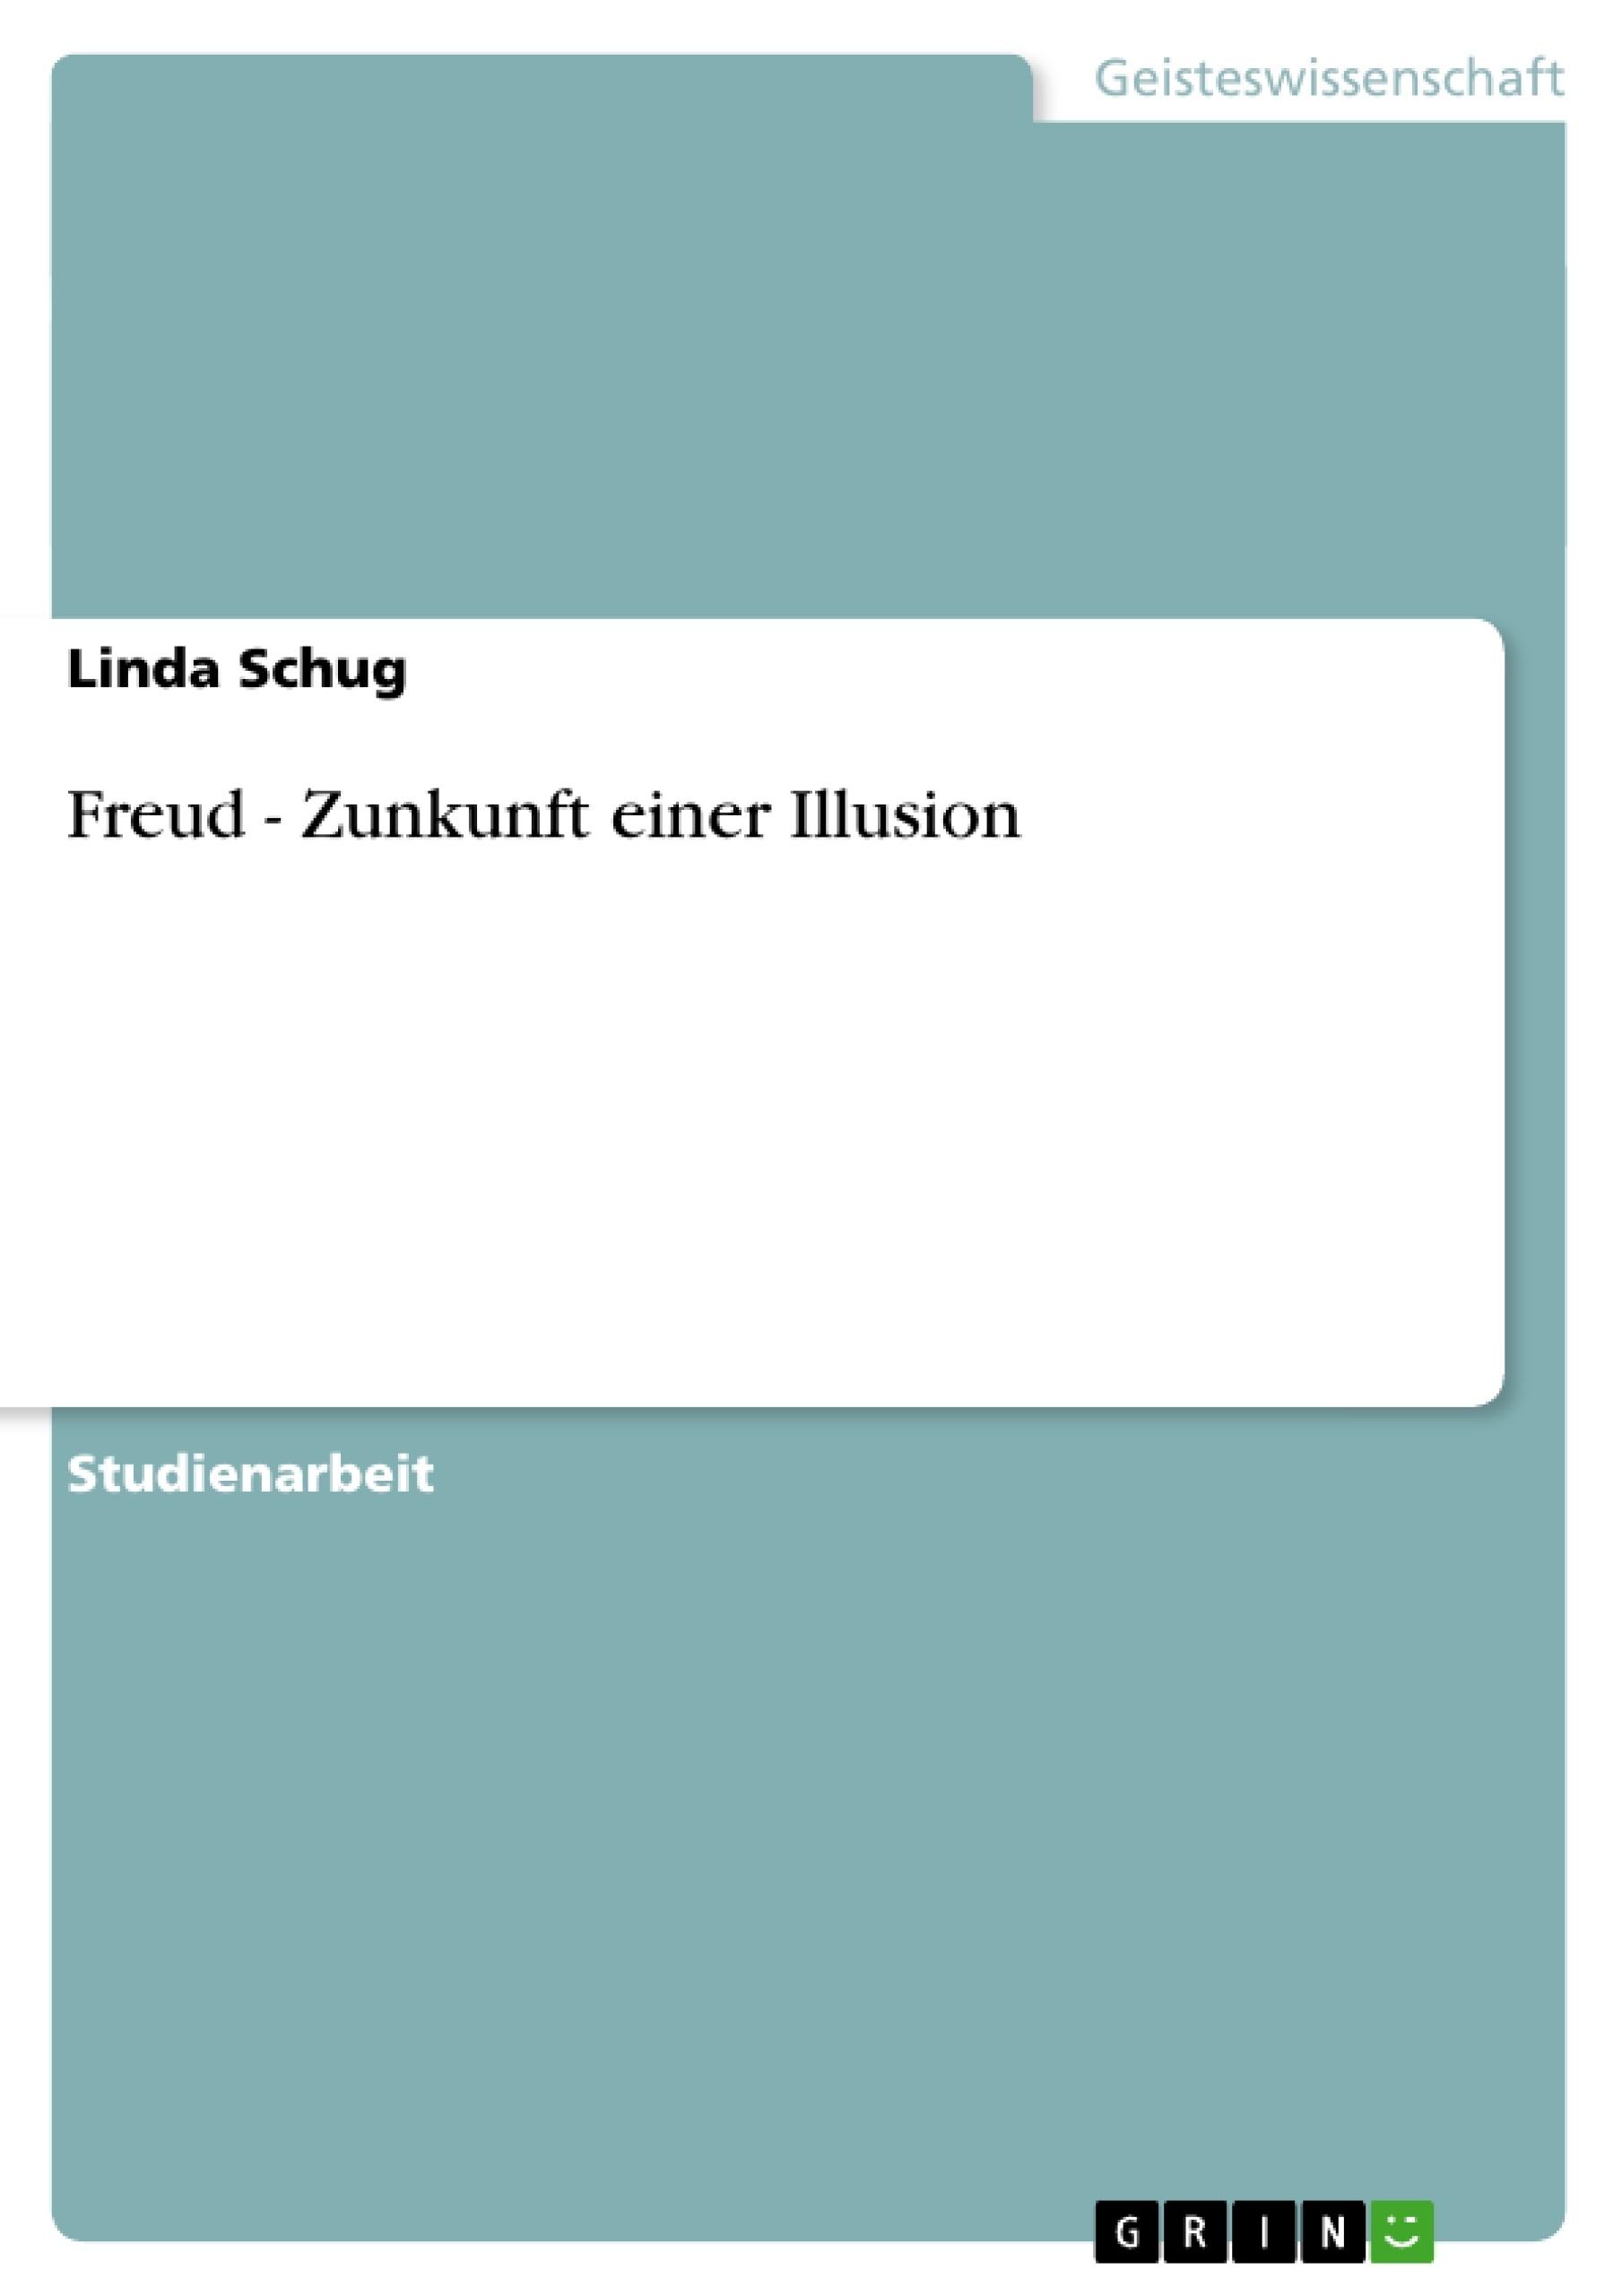 Titel: Freud - Zunkunft einer Illusion